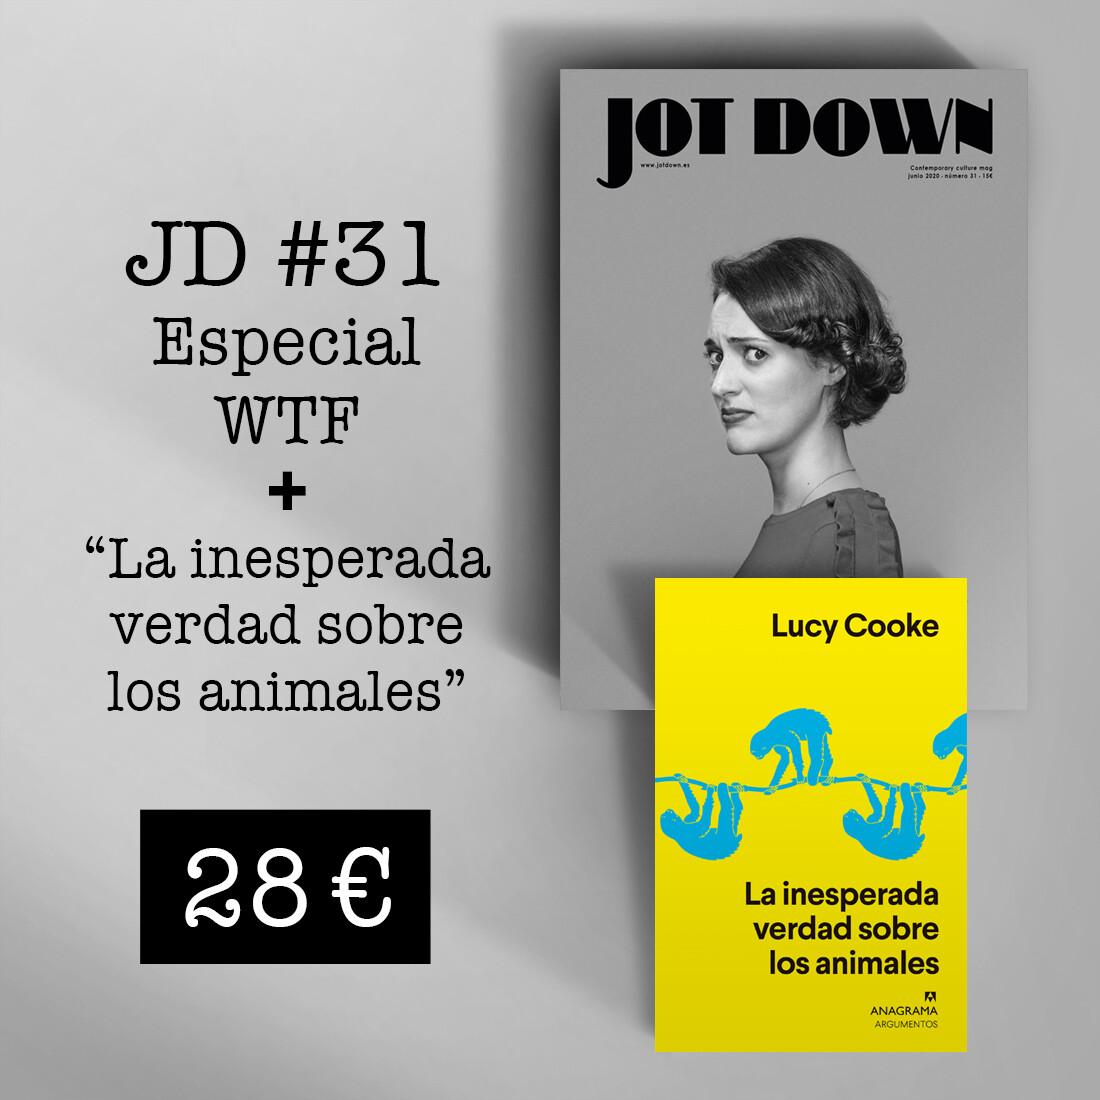 Jot Down nº 31 «WTF» + La inesperada verdad sobre los animales